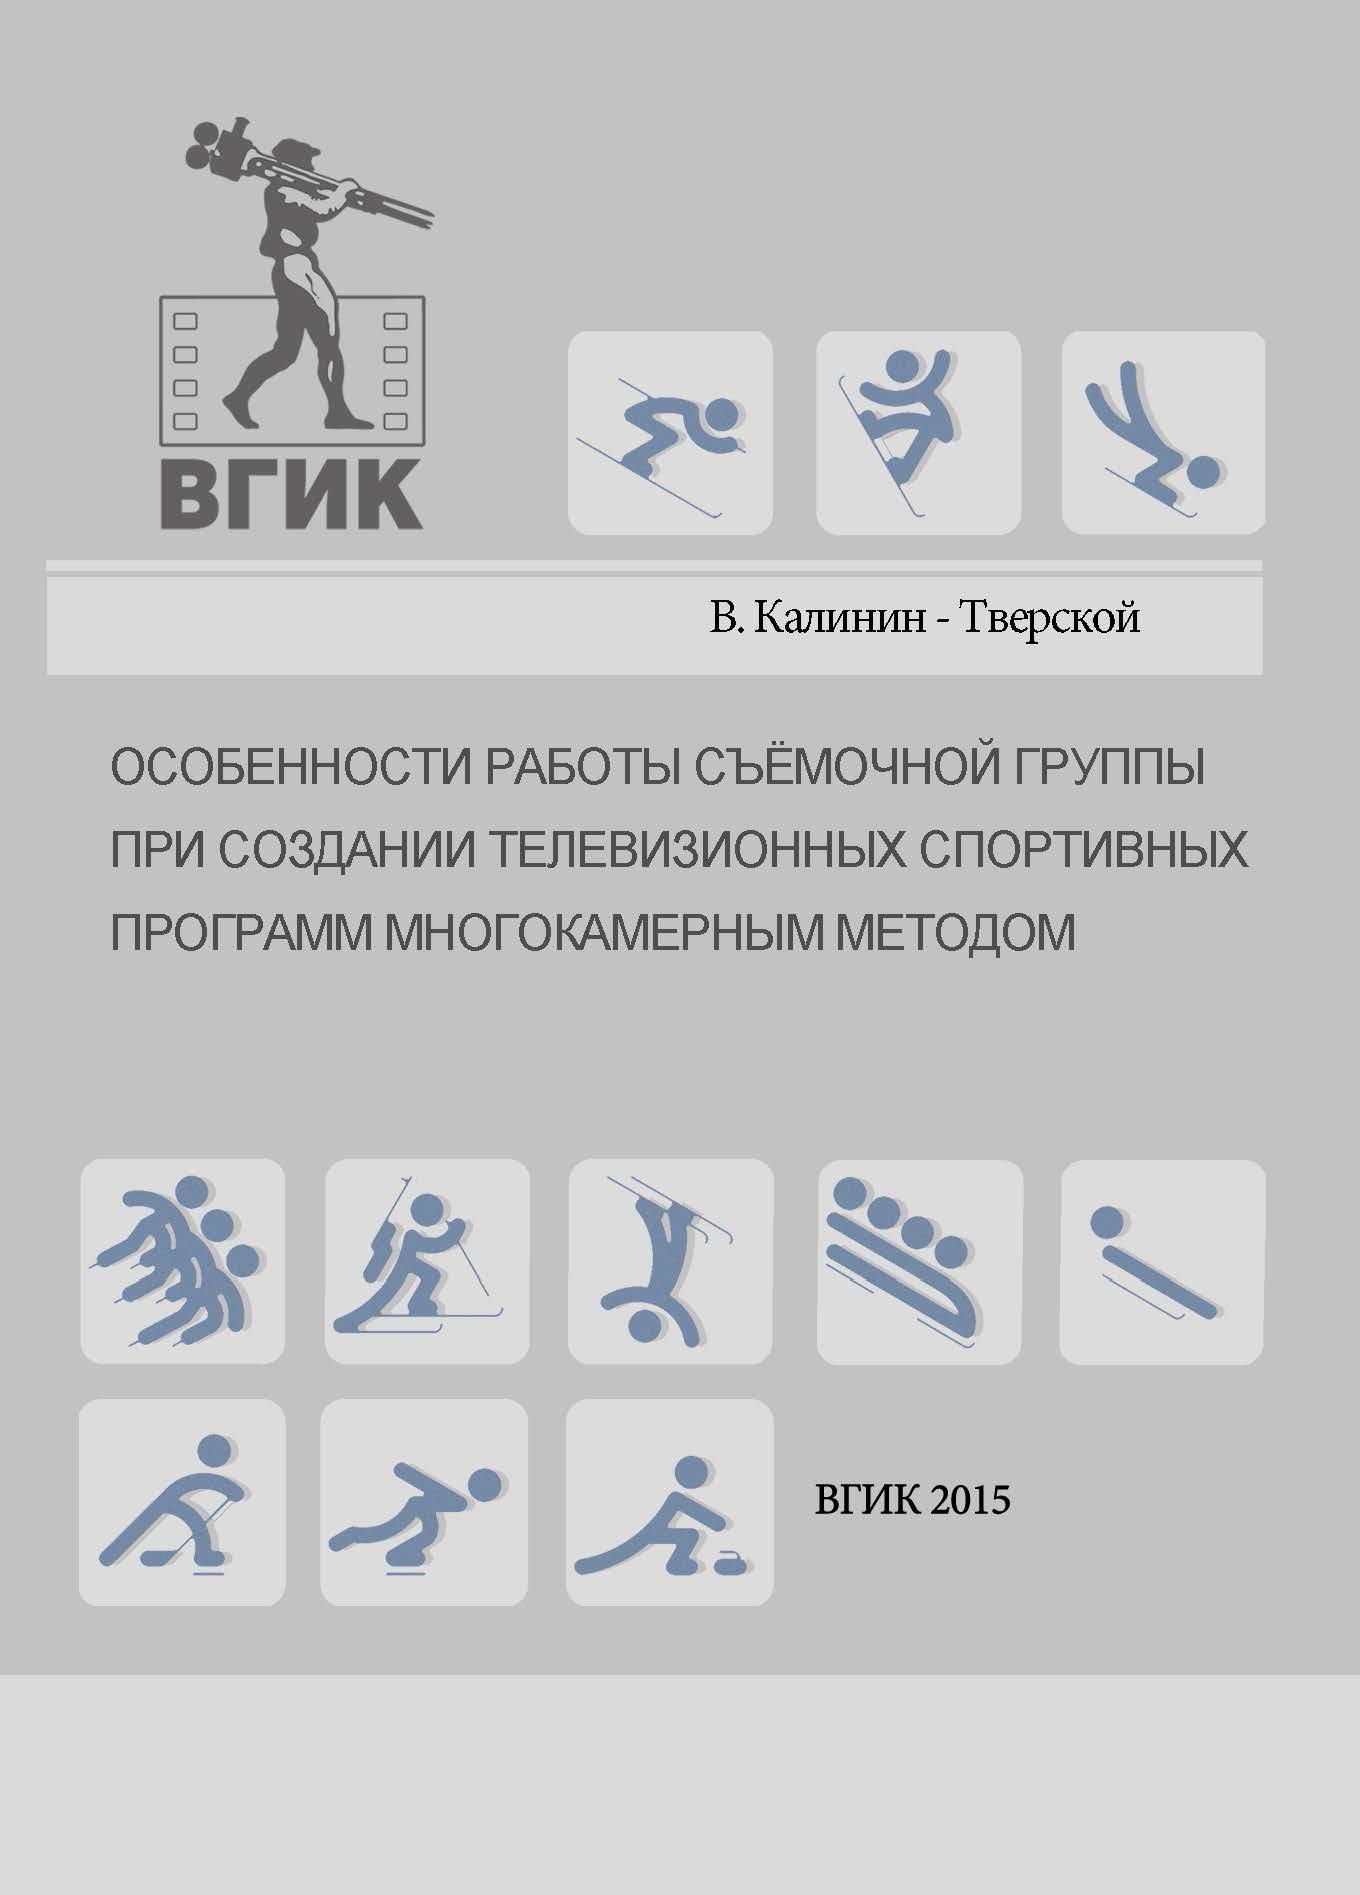 Виталий Калинин-Тверской Особенности работы съёмочной группы при создании телевизионных спортивных программ многокамерным методом